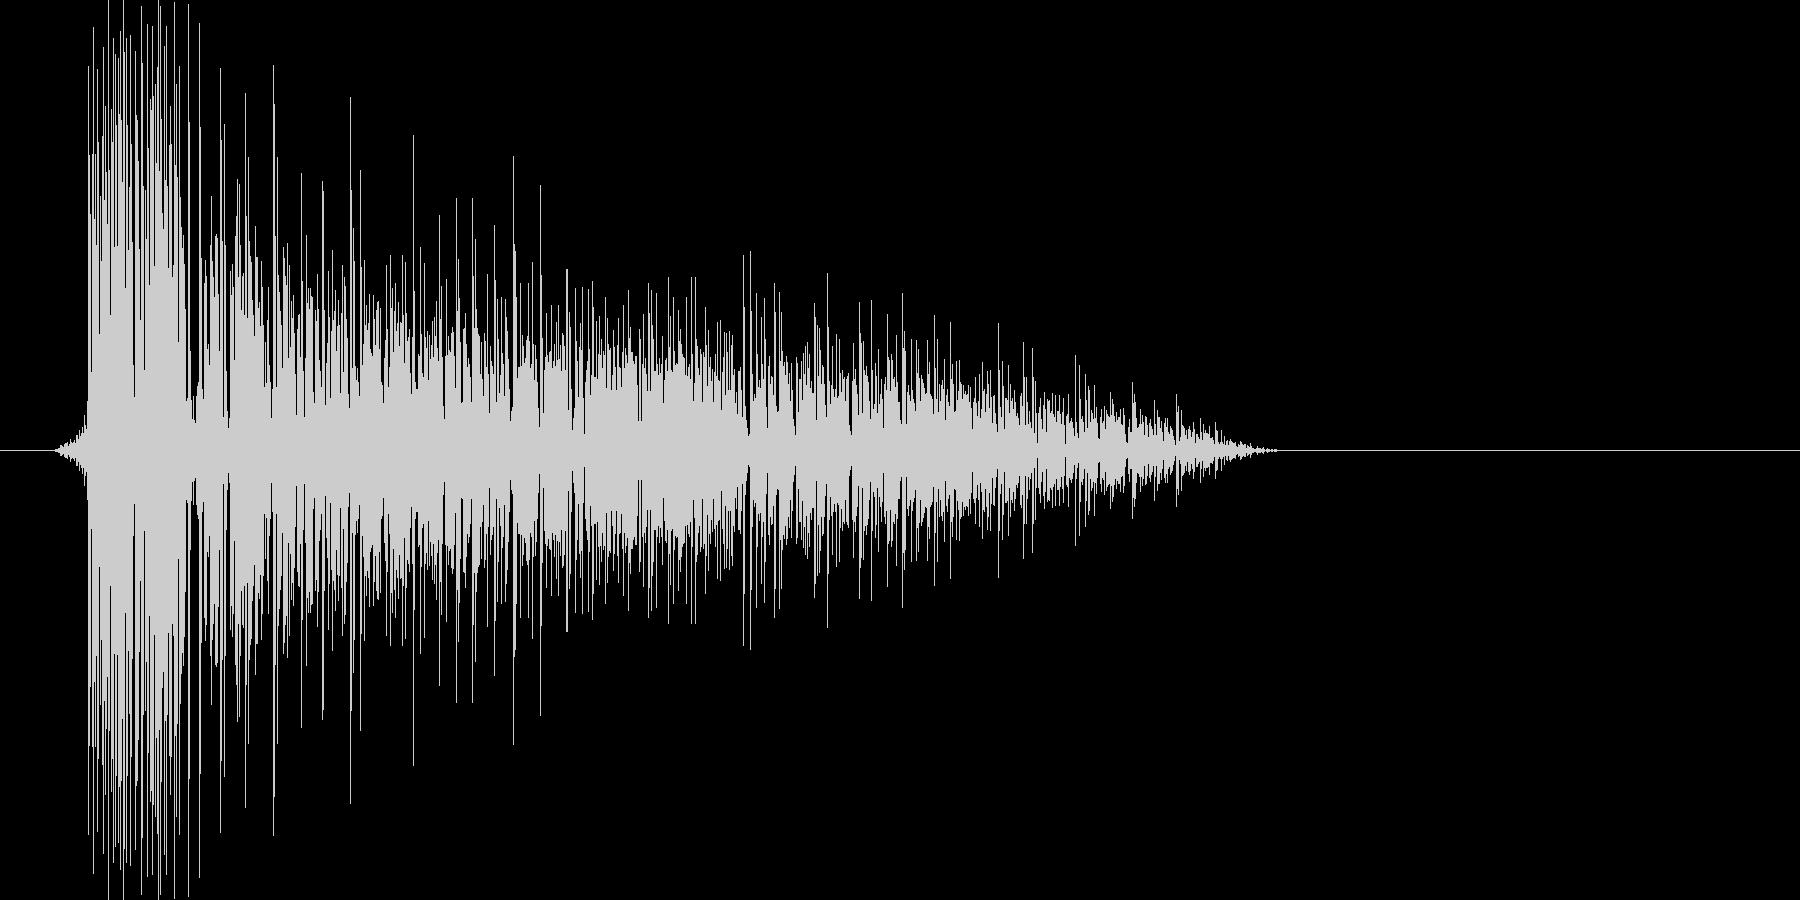 ゲーム(ファミコン風)爆発音_001の未再生の波形